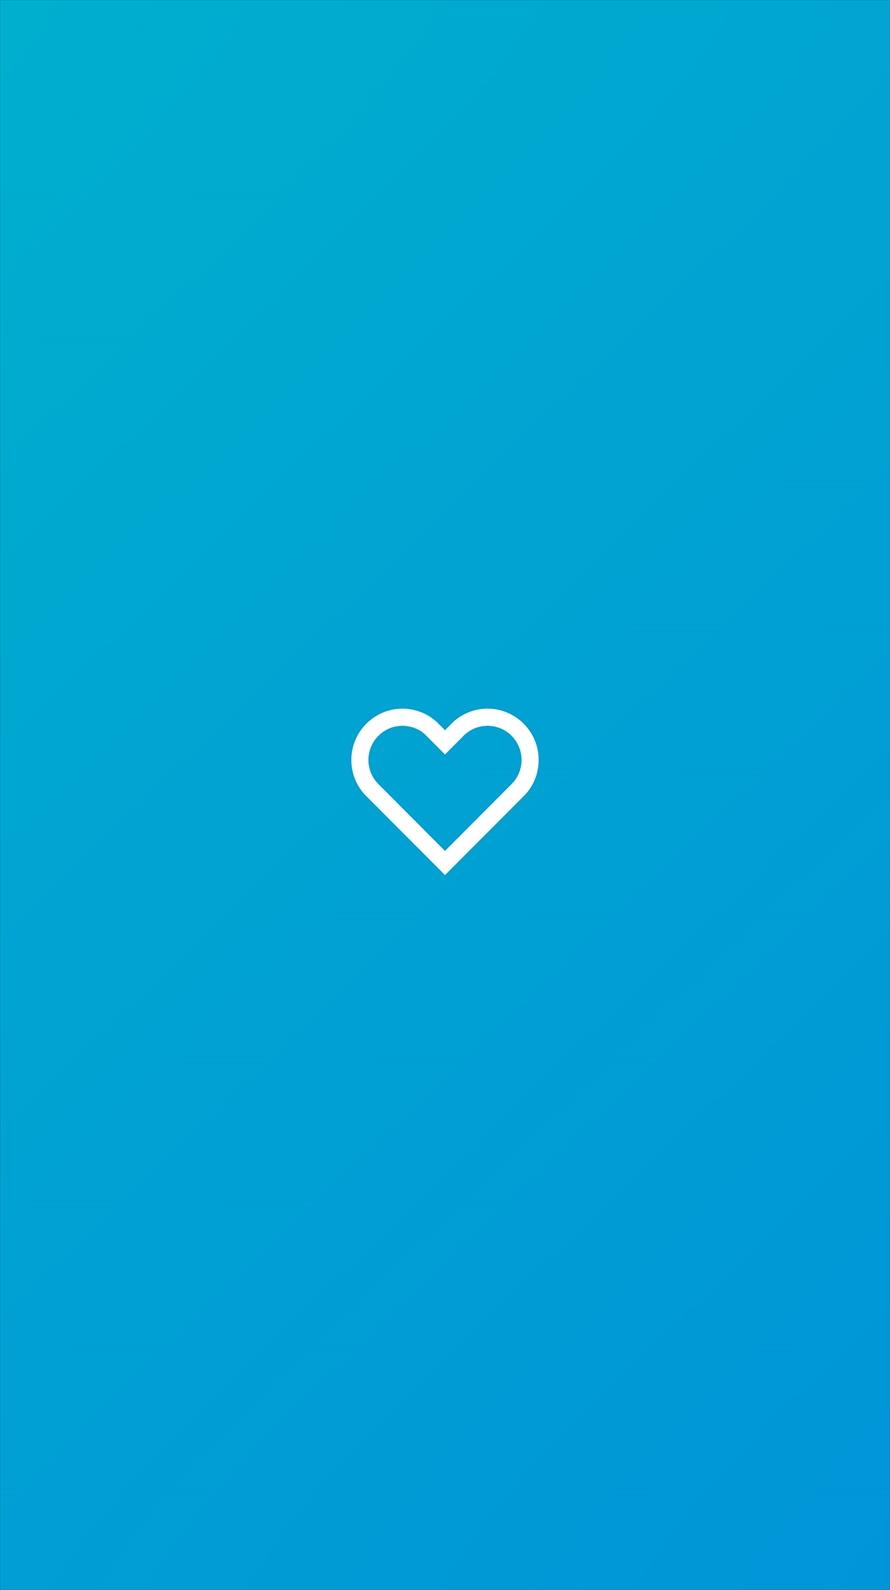 青いハート Iphone6壁紙 Wallpaperbox